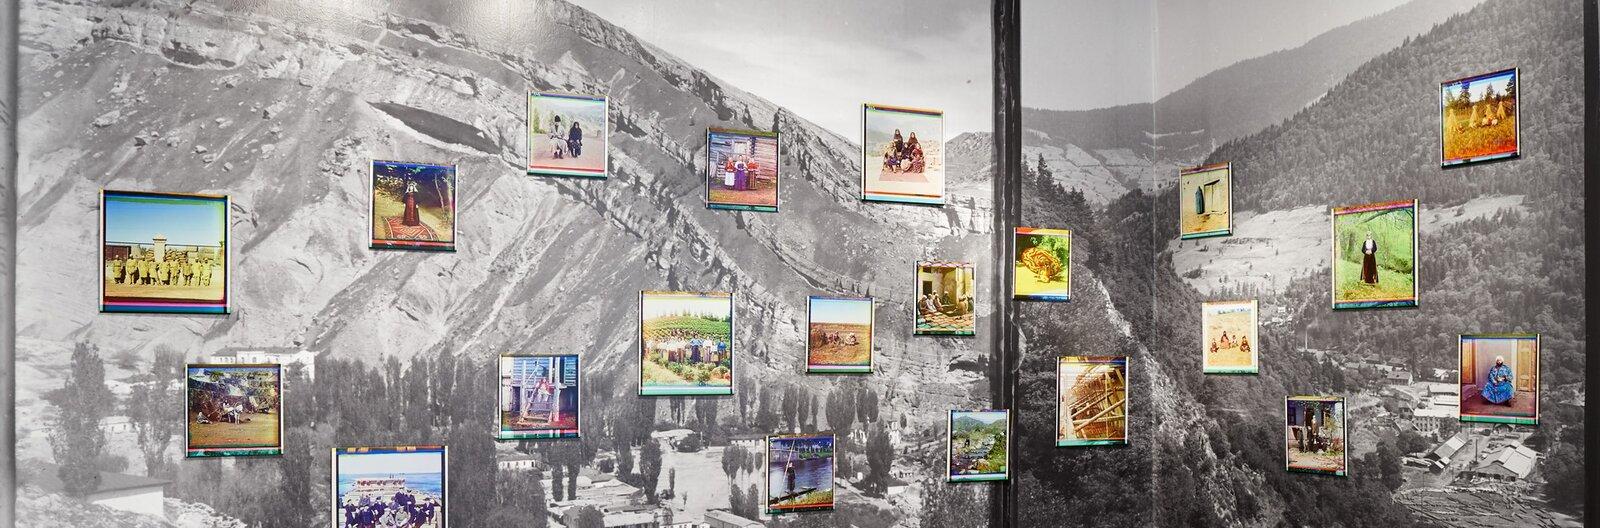 7 érdekes kiállítás, amit látni kell az ősz folyamán